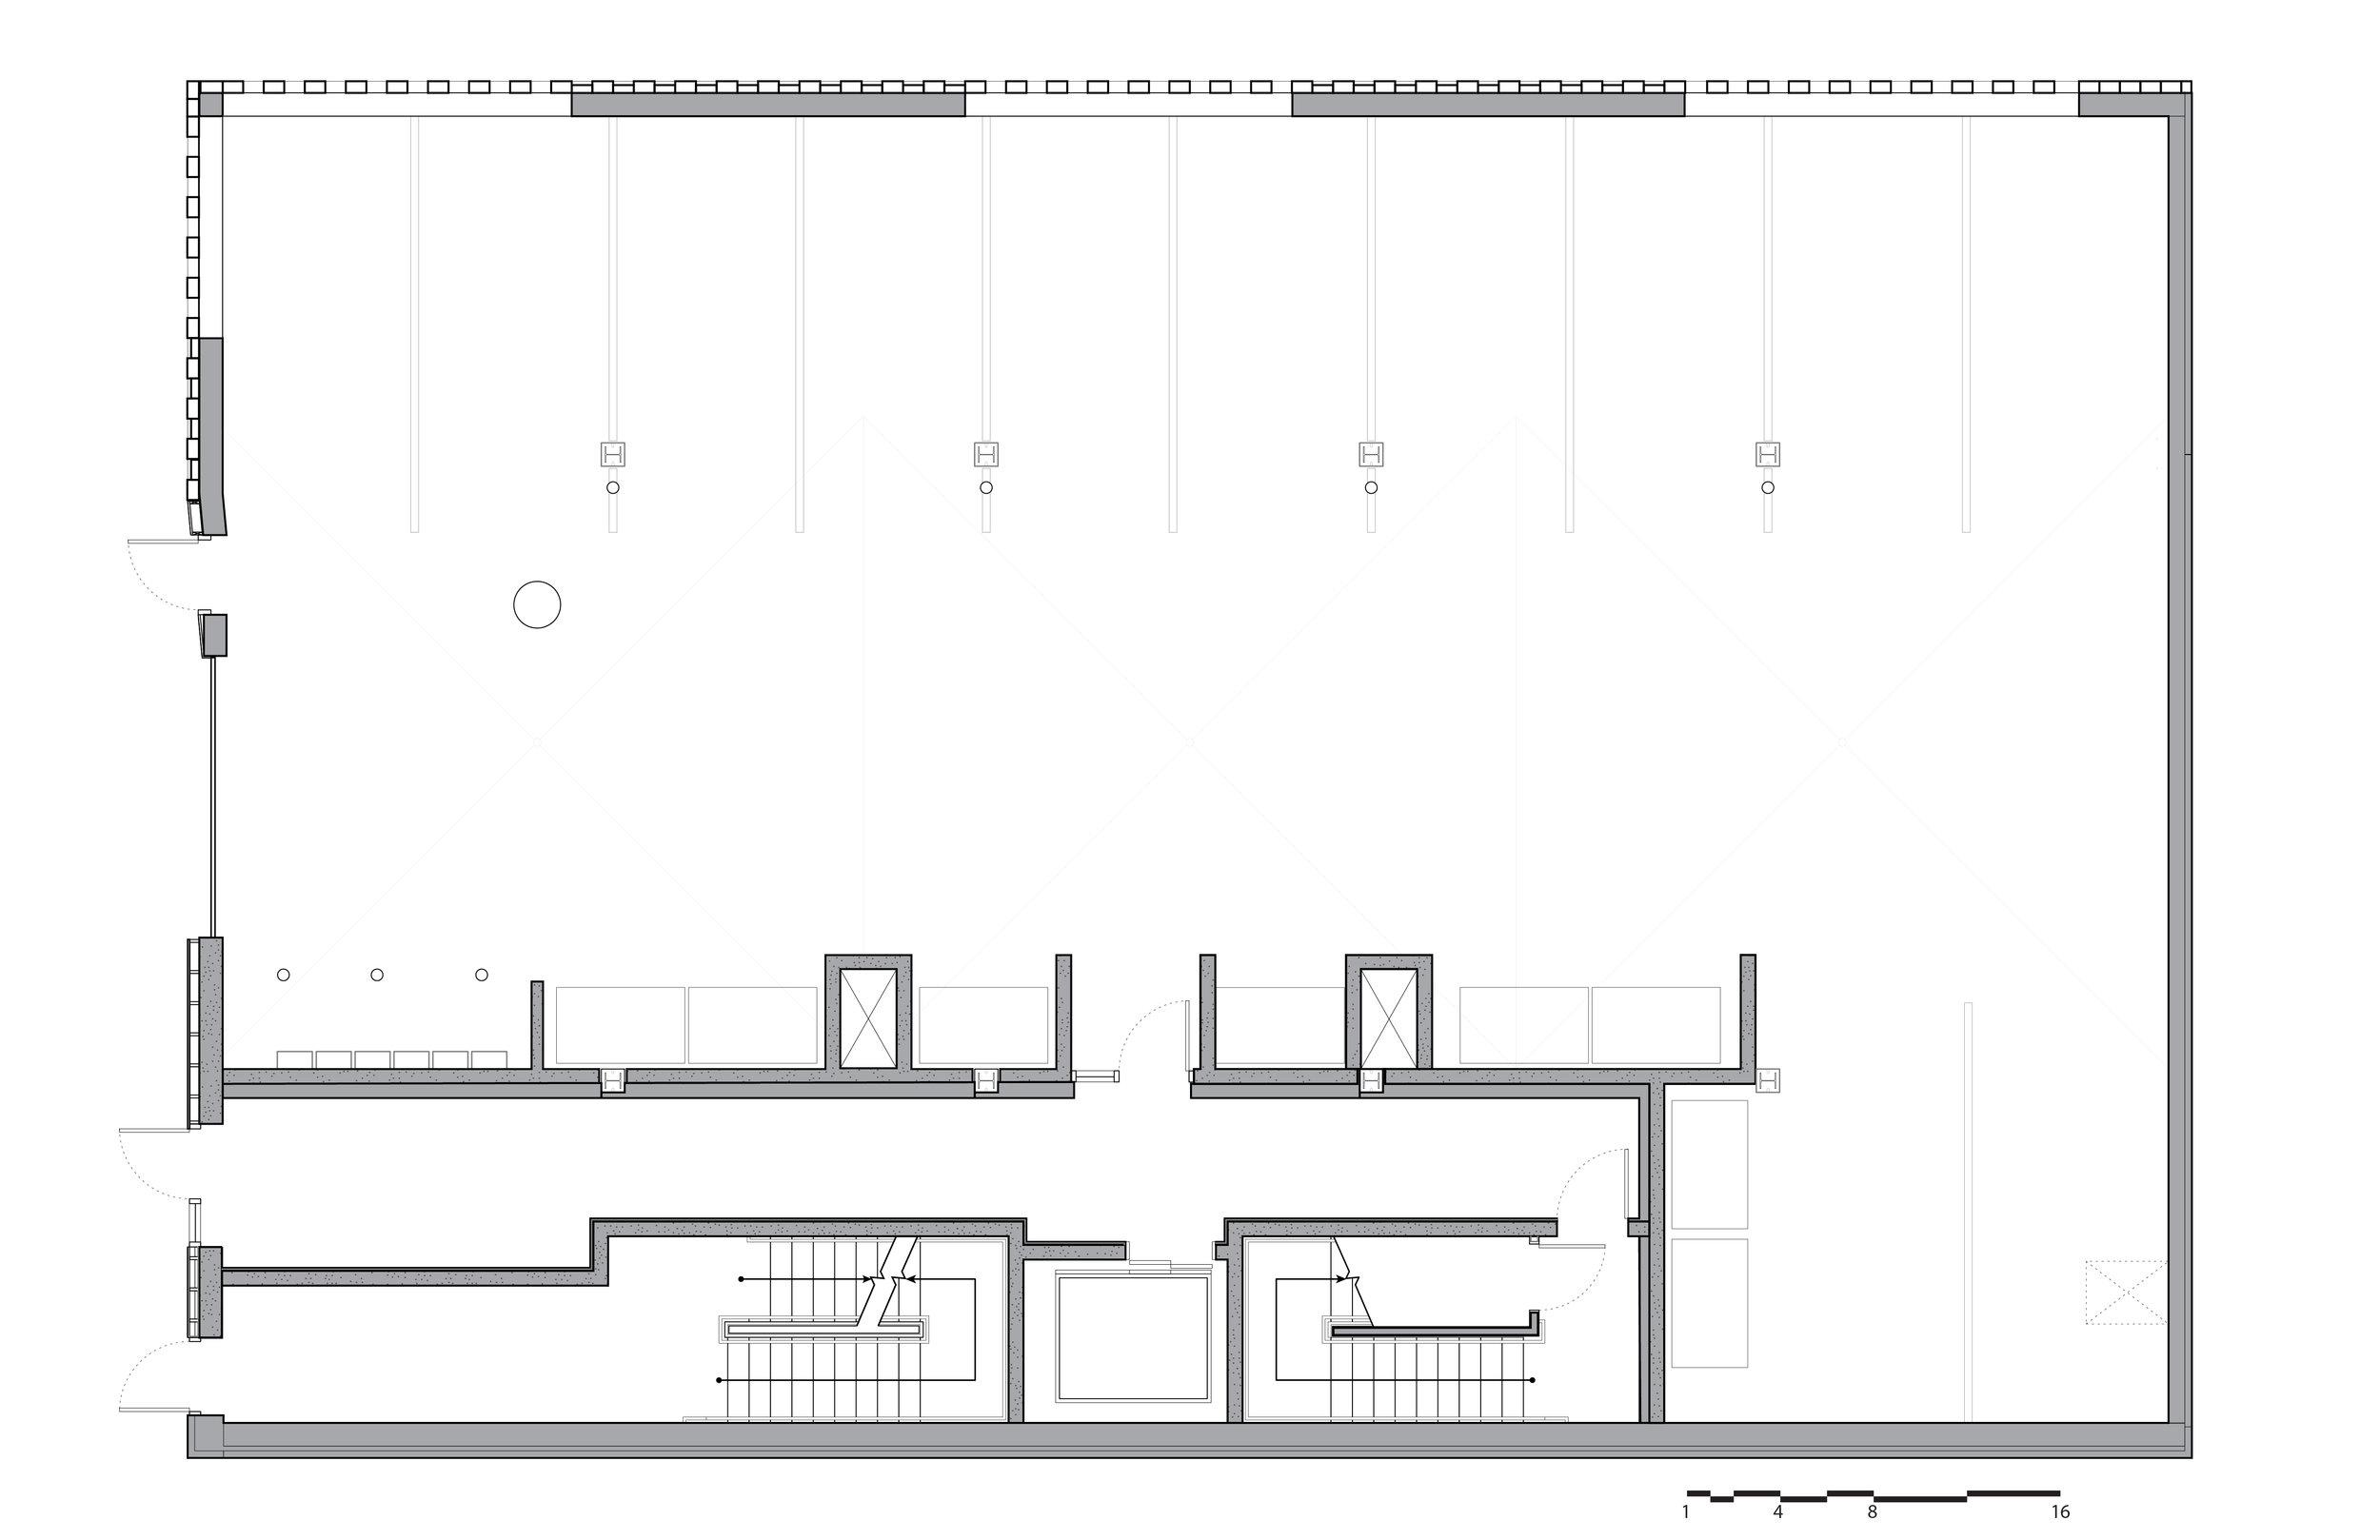 20150701-plan-garage-01.jpg